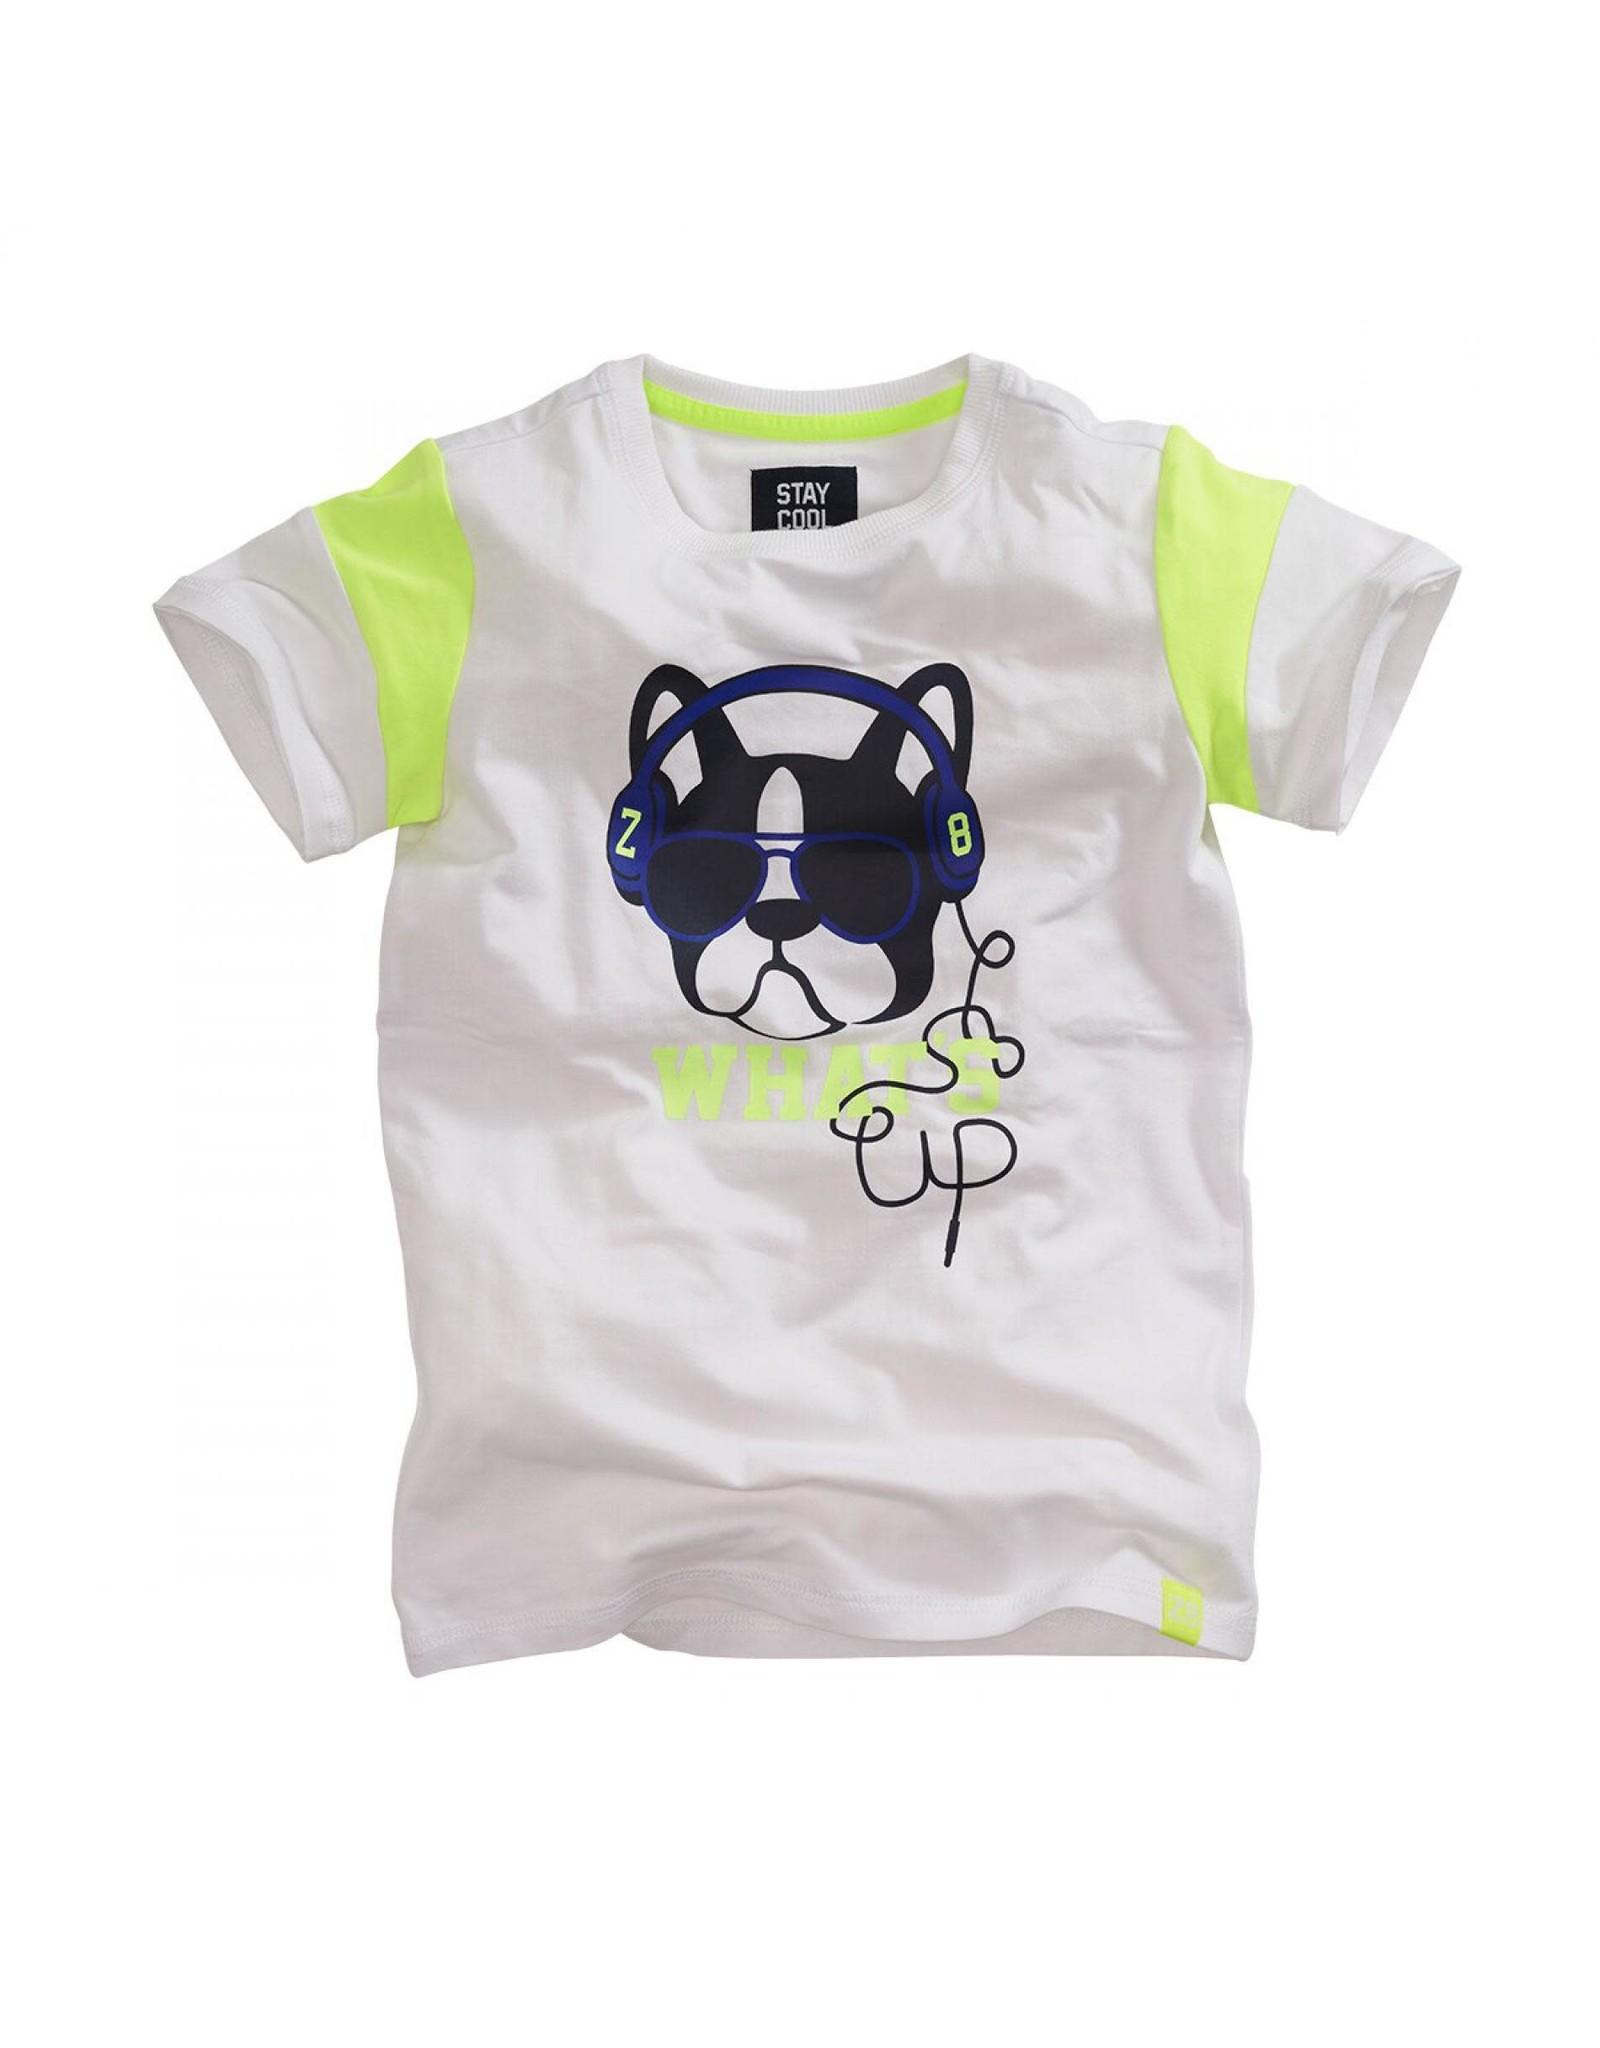 Z8 Jules T-Shirt